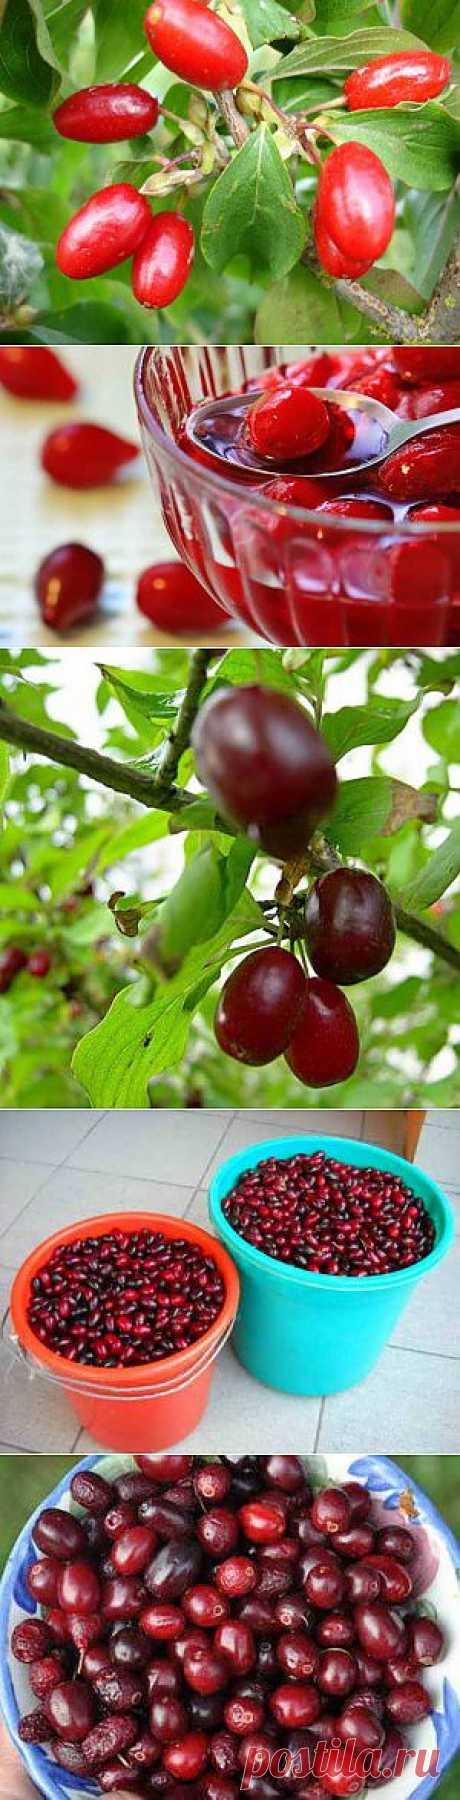 Выращивание и размножение кизила | Дача - впрок